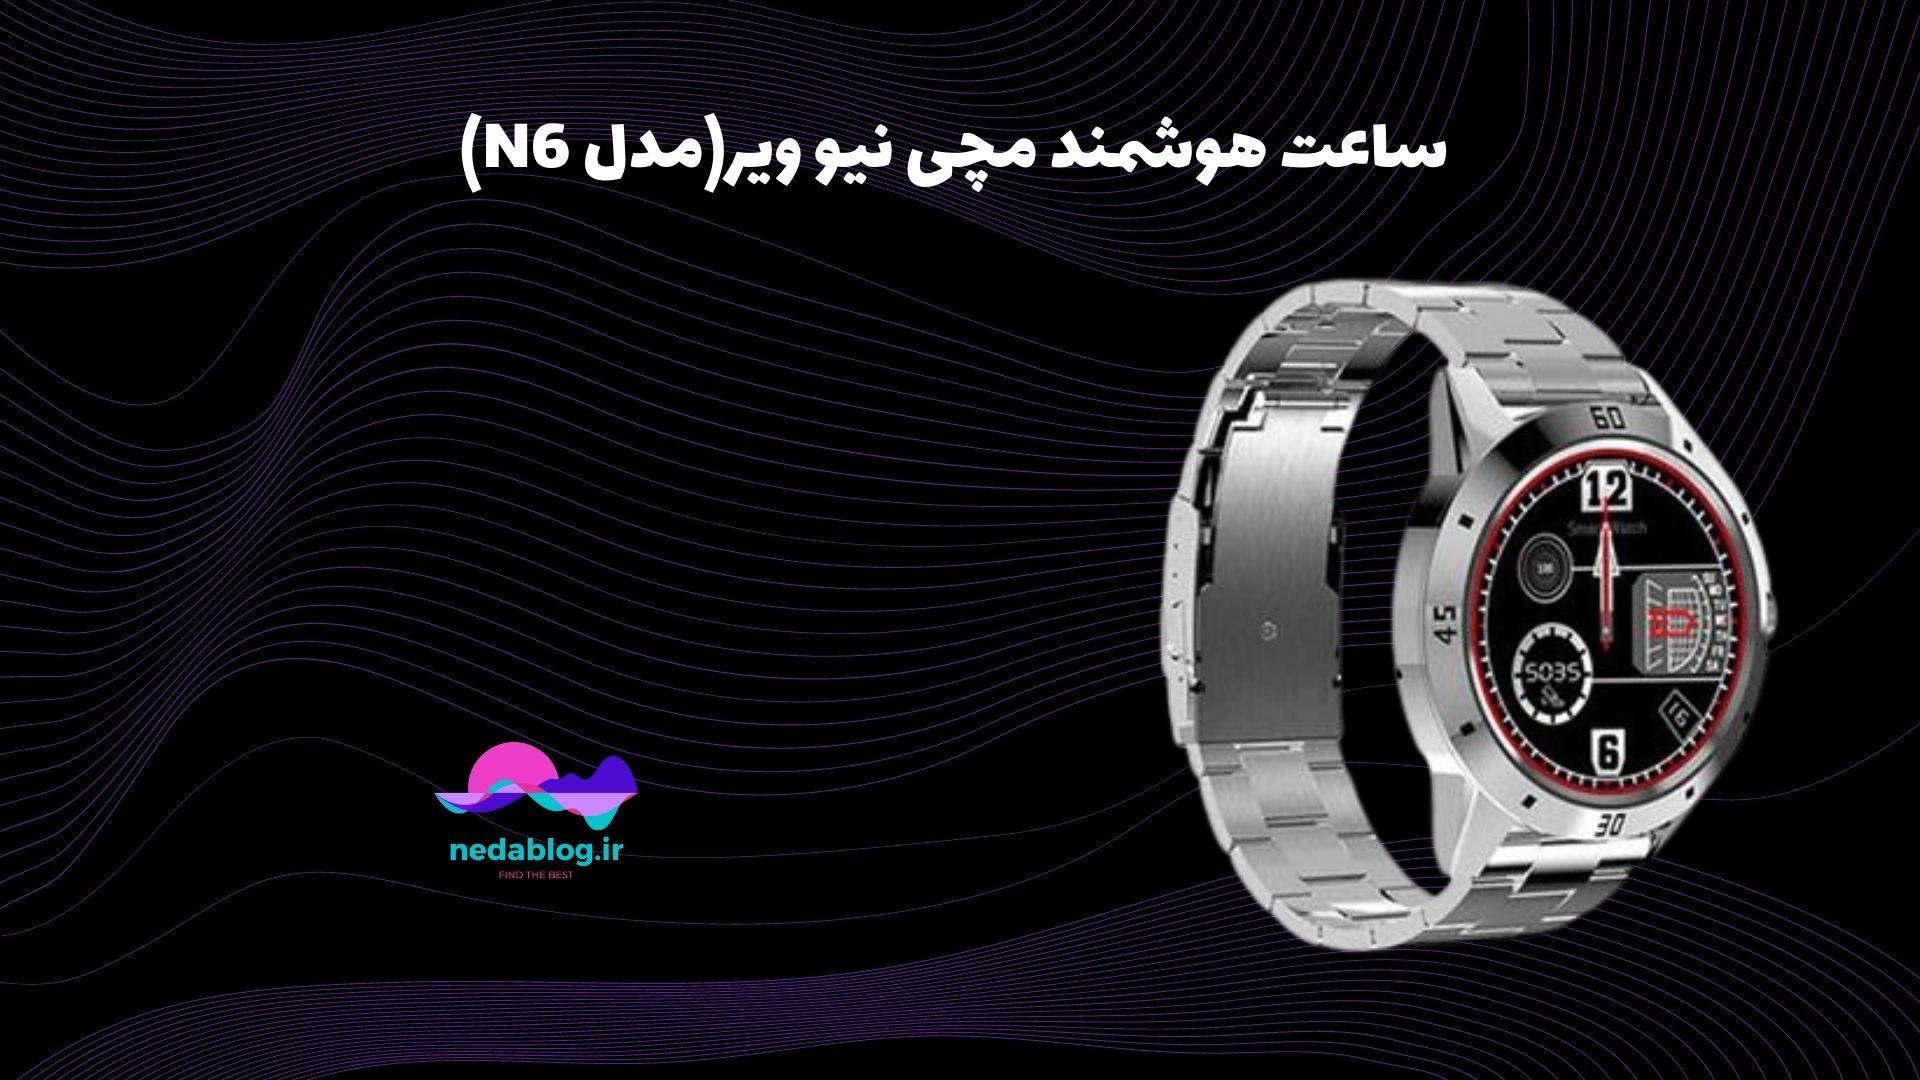 ساعت هوشمند مچی نیو ویر(مدل N6)